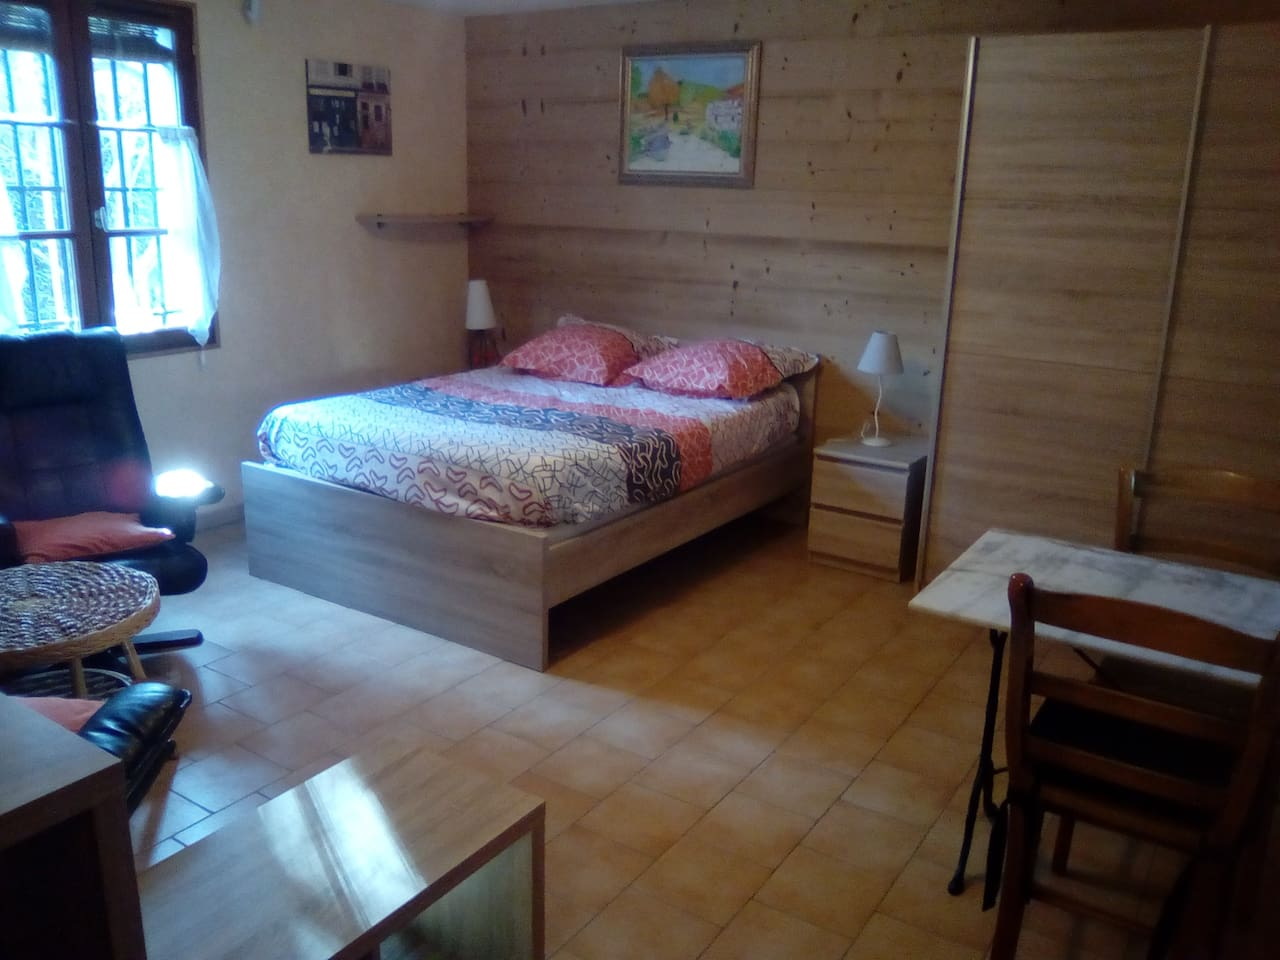 Chambre - salon / Bedroom - salon